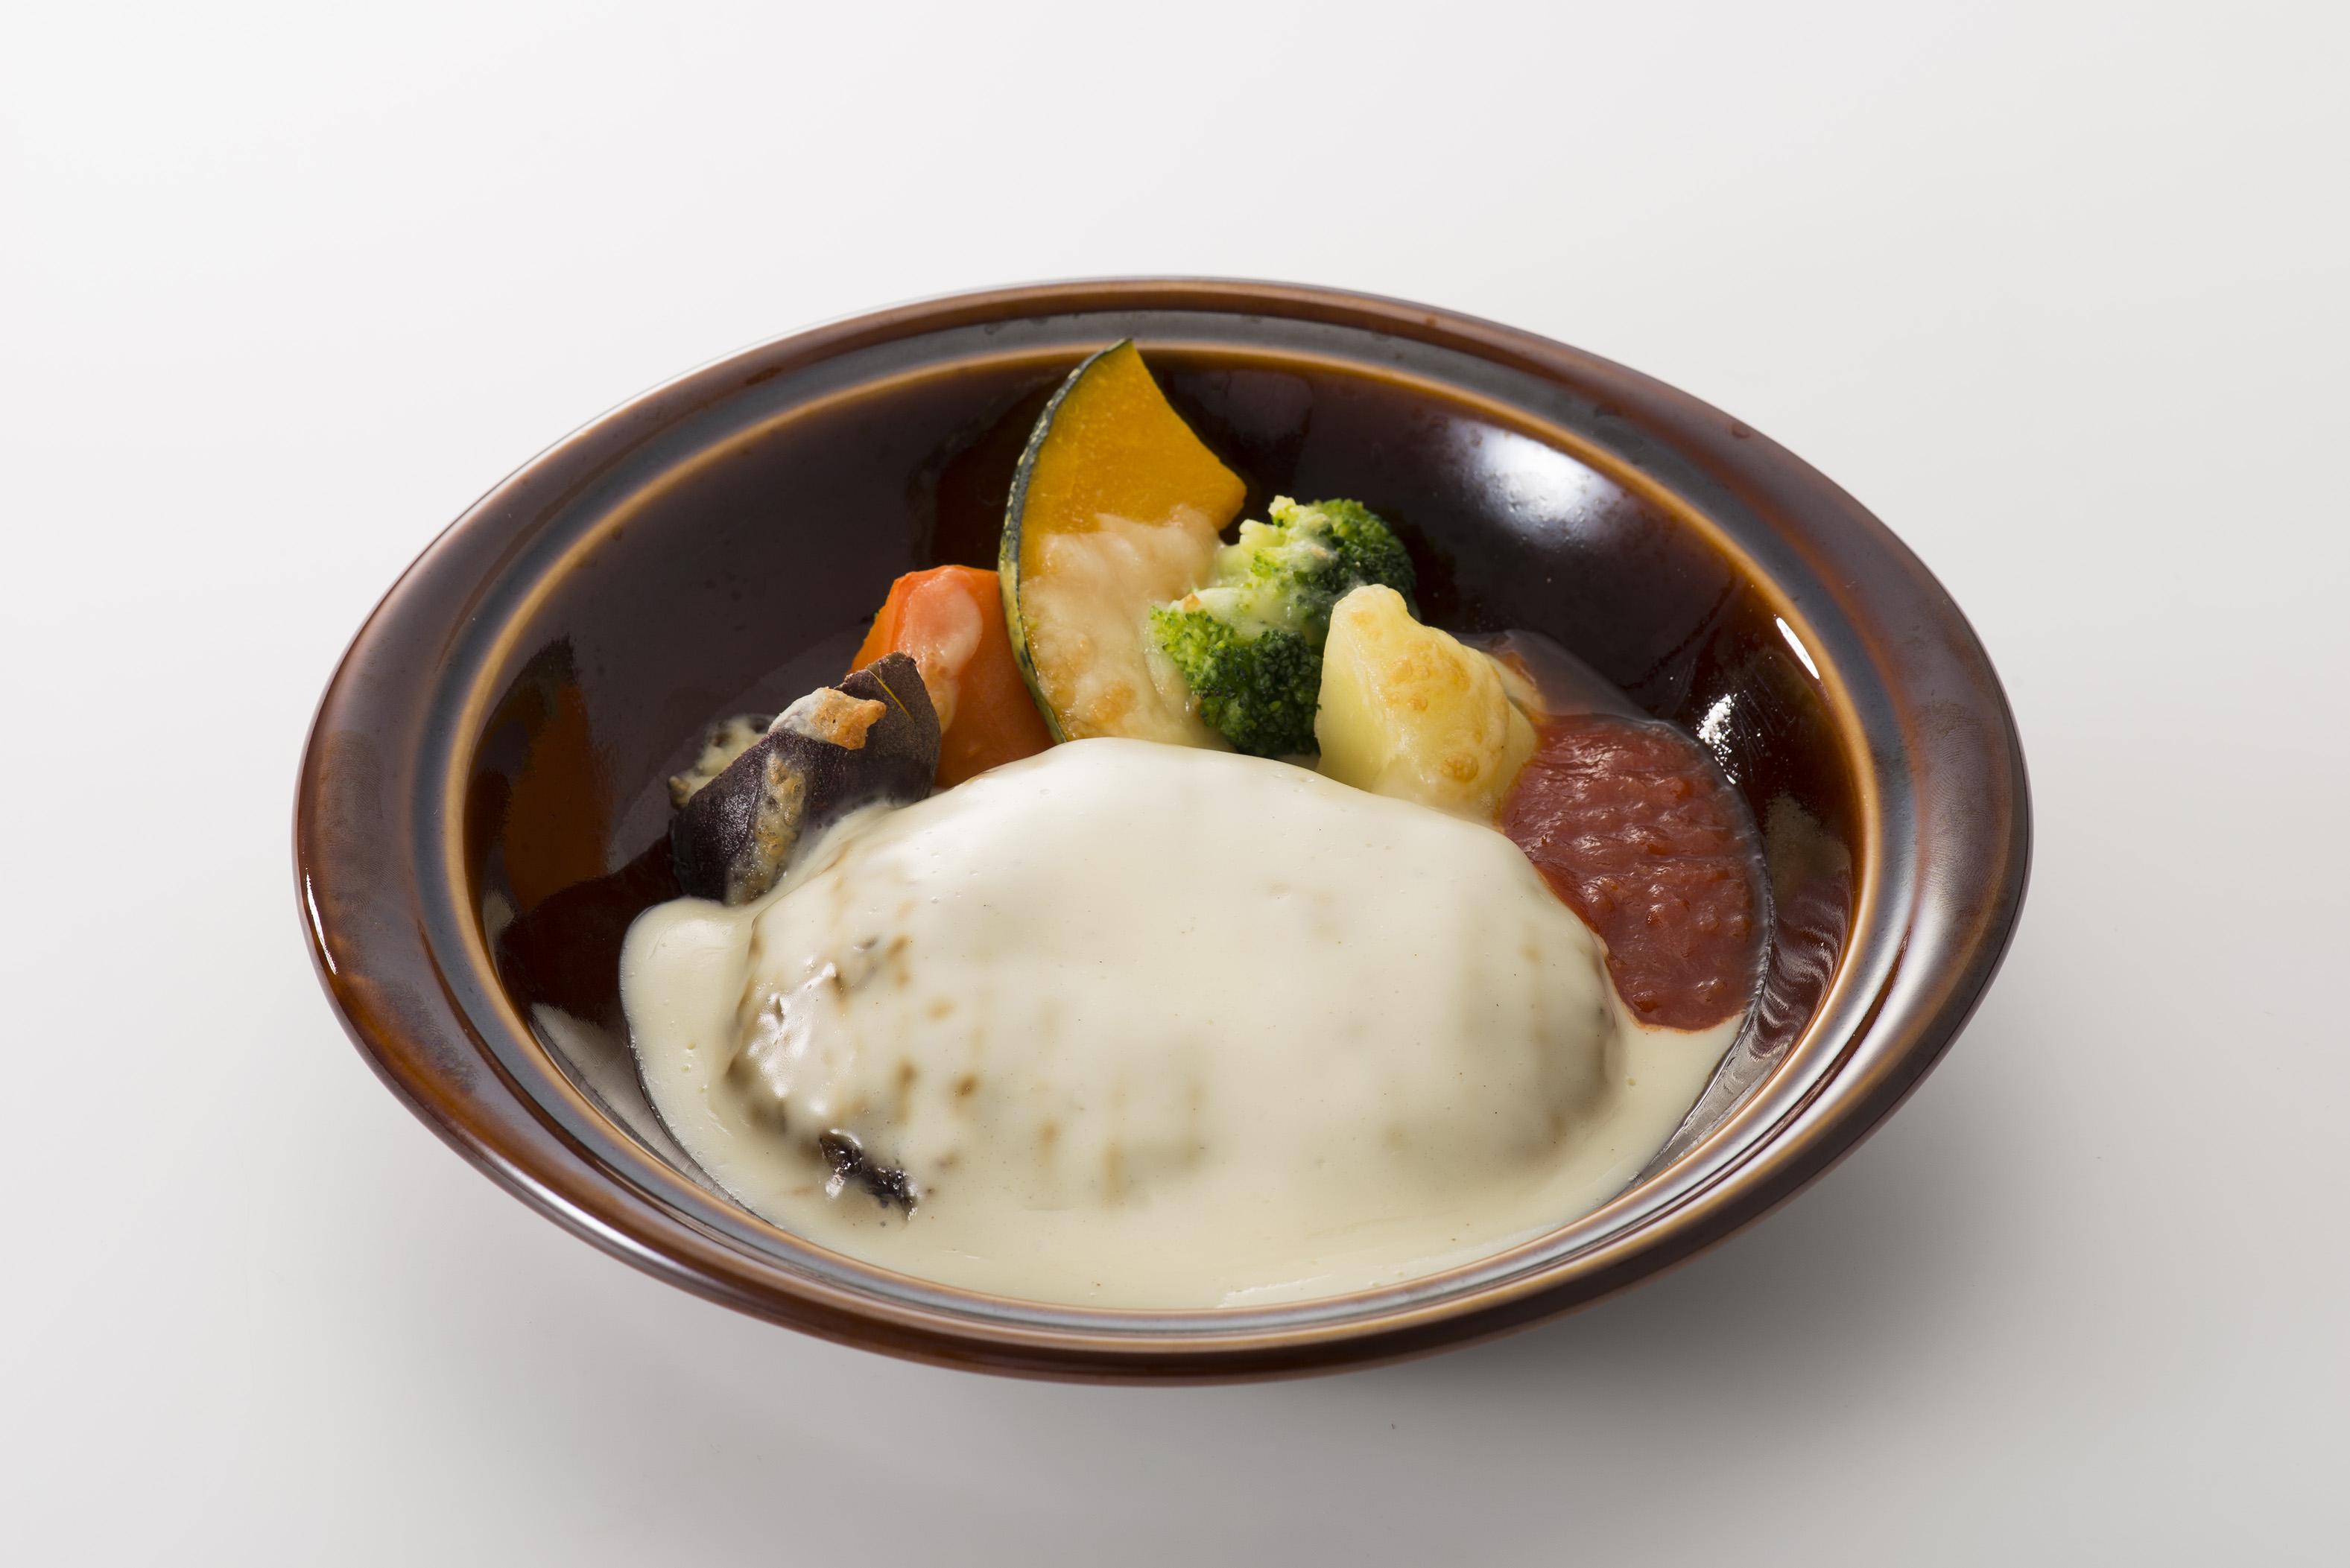 焼き野菜のチーズソースハンバーグ